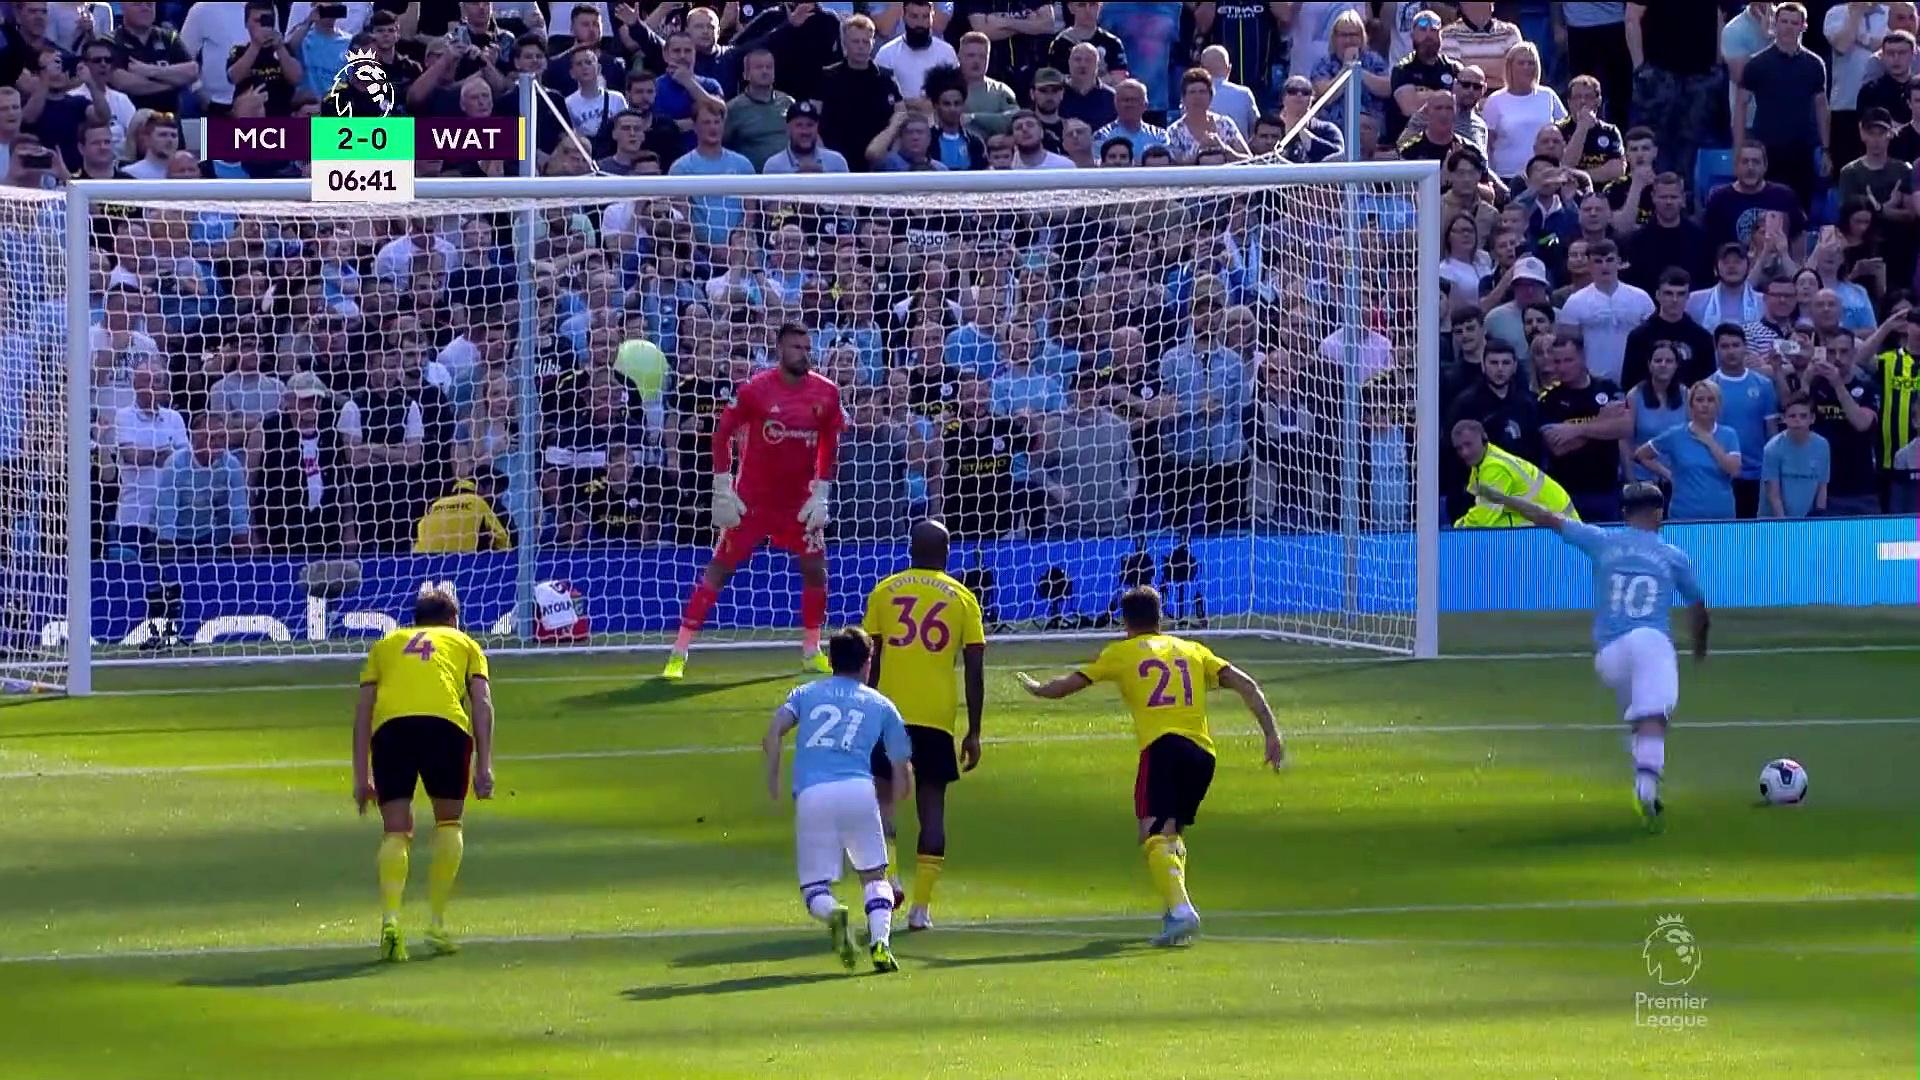 6. Hafta / Manchester City - Watford: 8-0 (Özet)